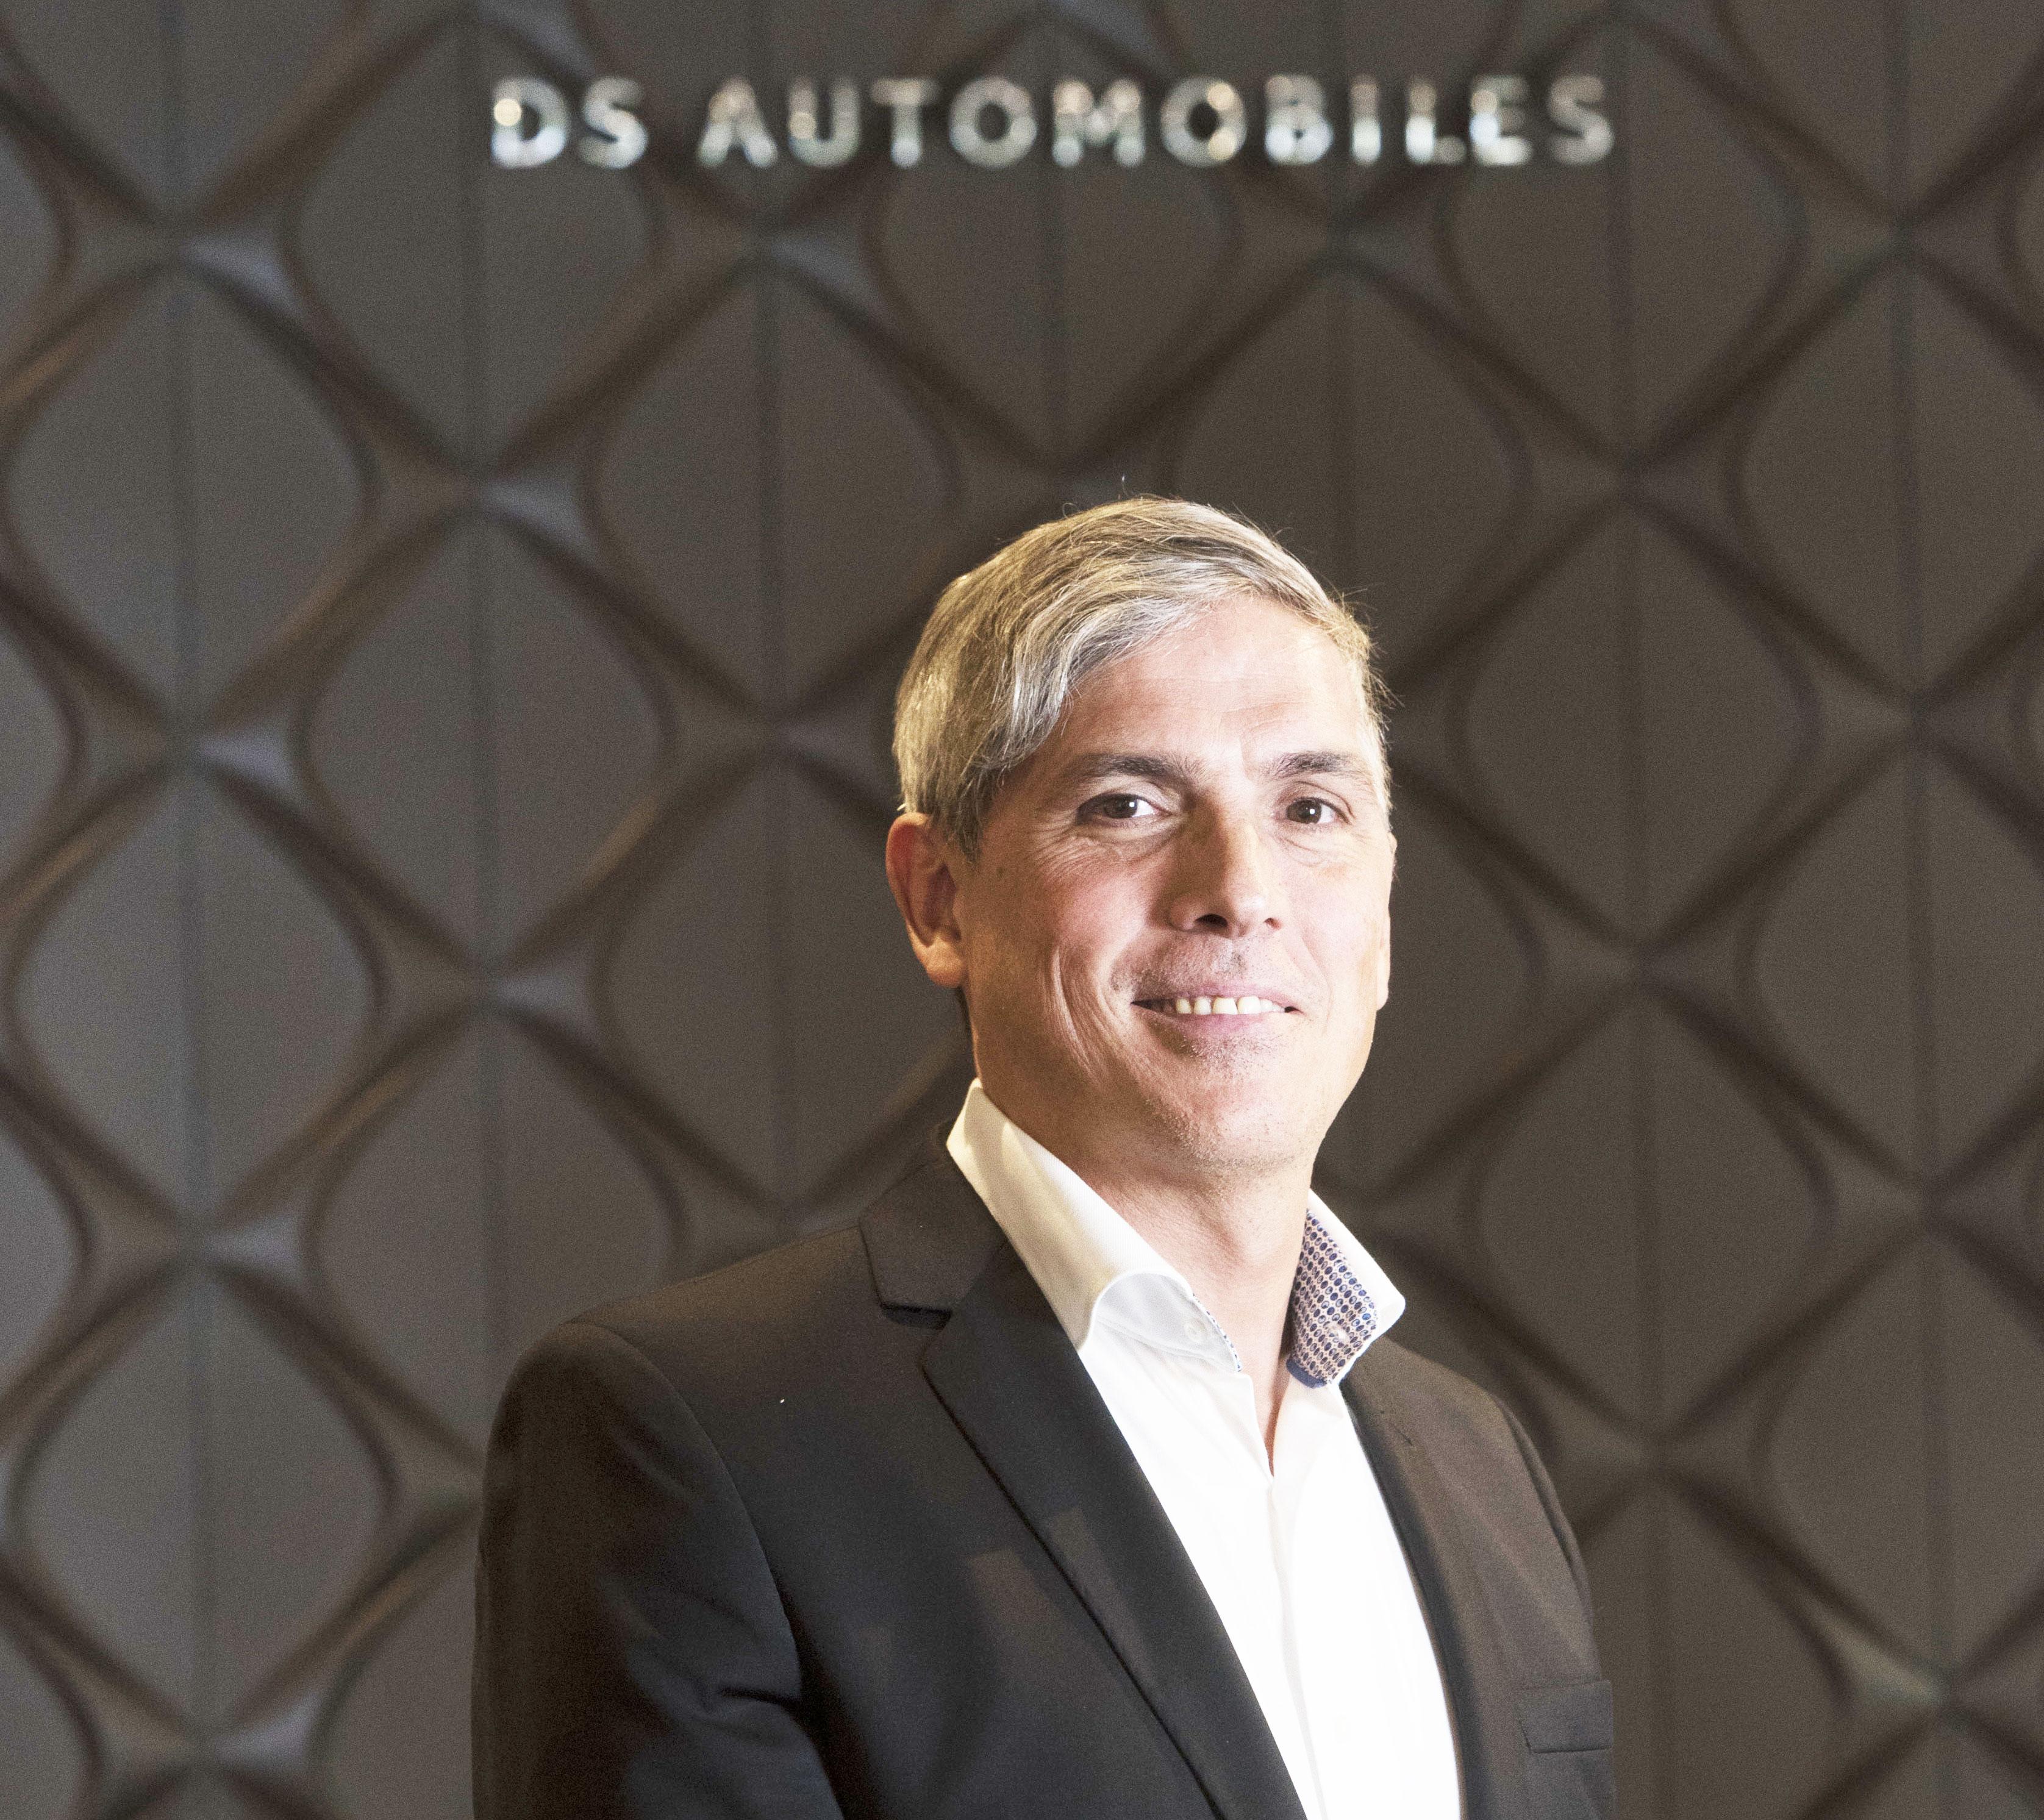 Director para la marca DS Automobiles